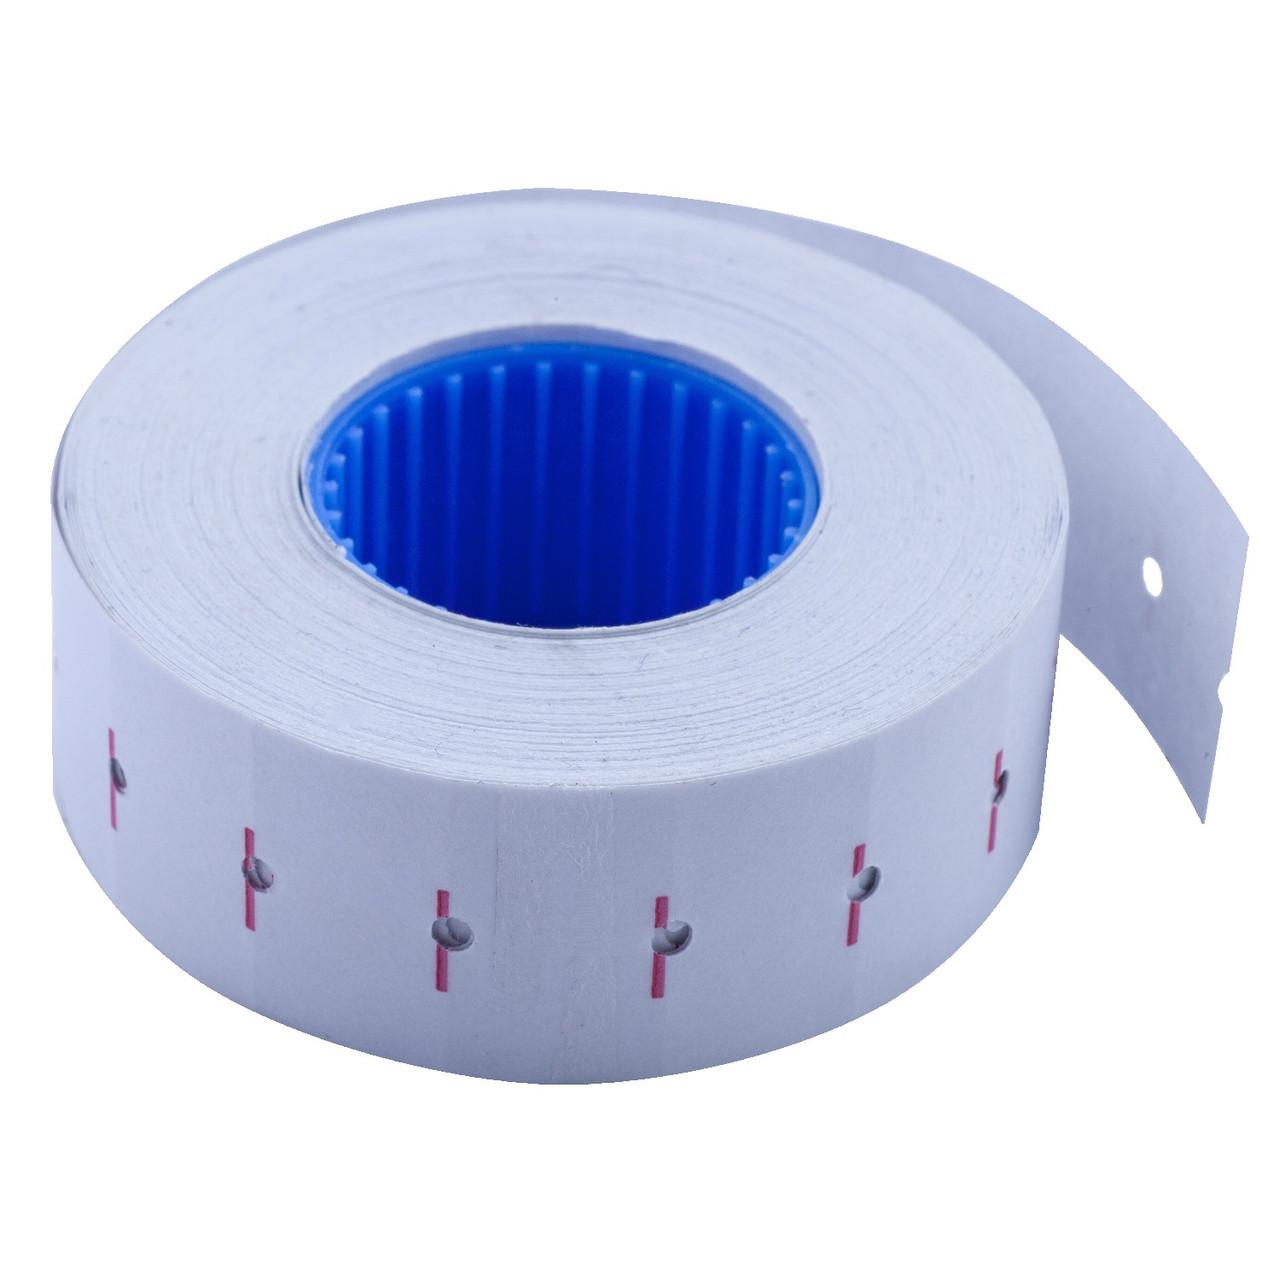 Ценник прямоугольный 22*12 мм белый внутренняя намотка, 1000 шт/12 метров, Buromax, 28110112